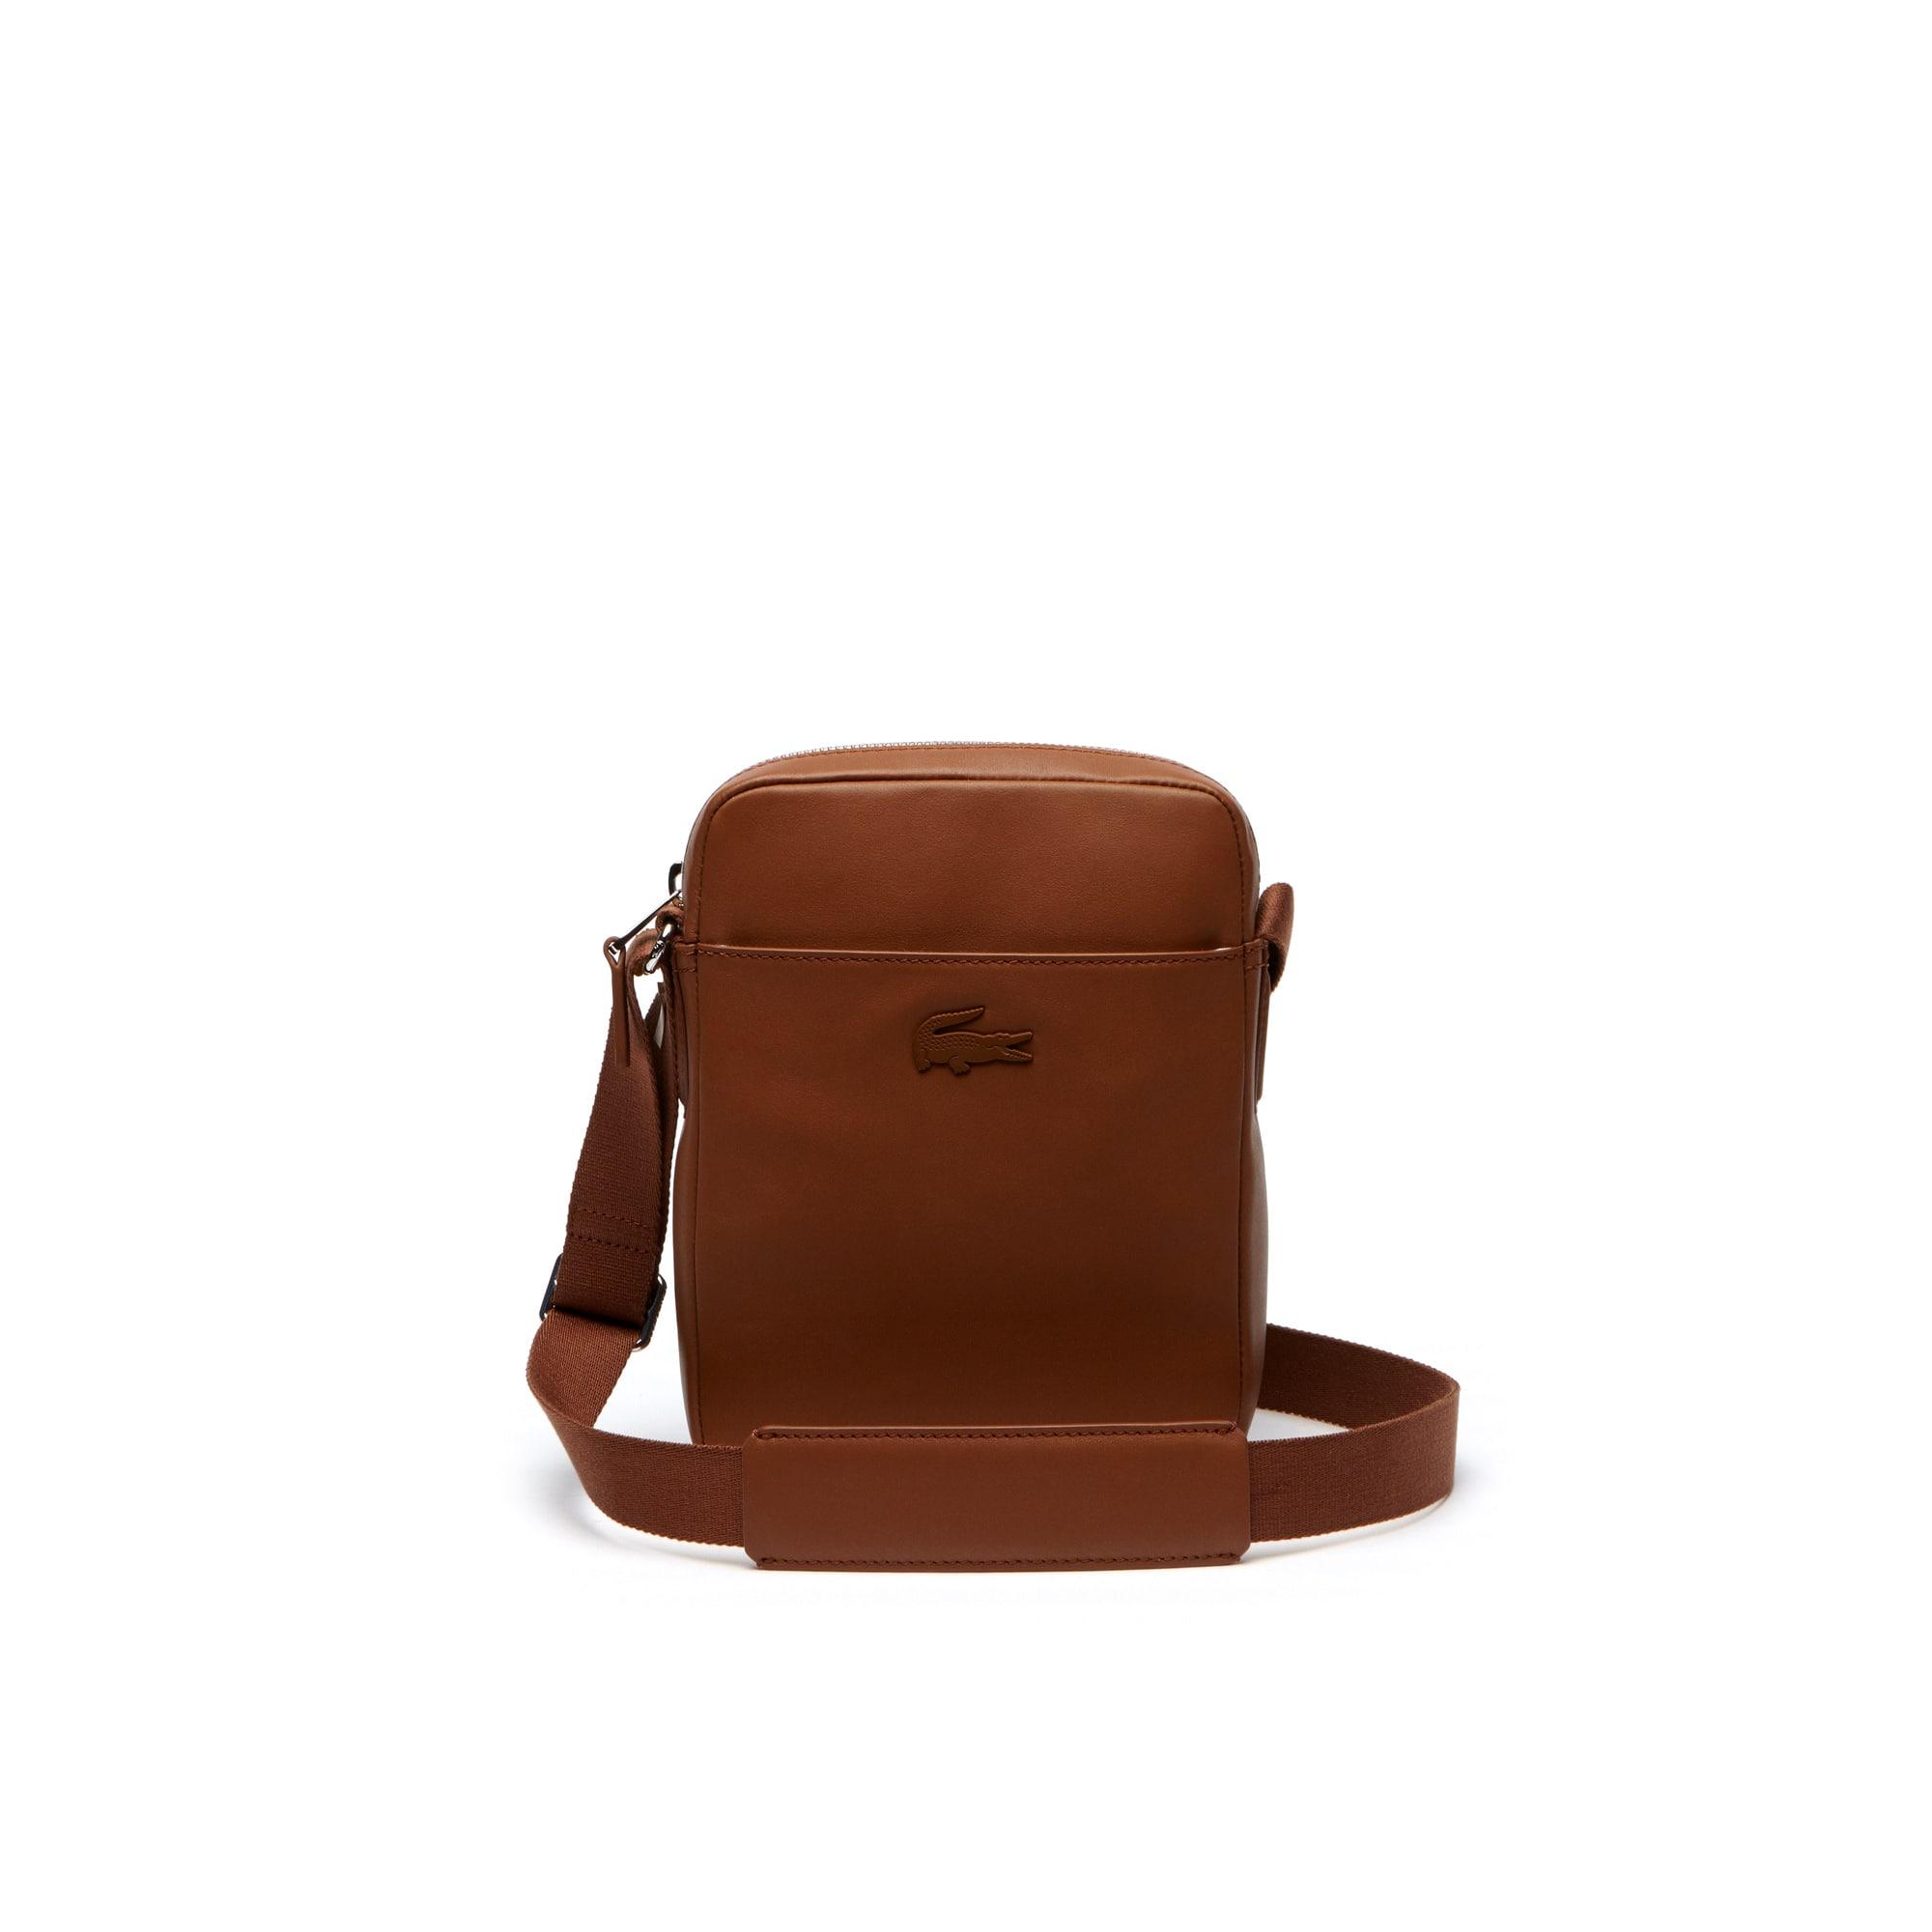 男士L.12.12系列竖款商务皮包